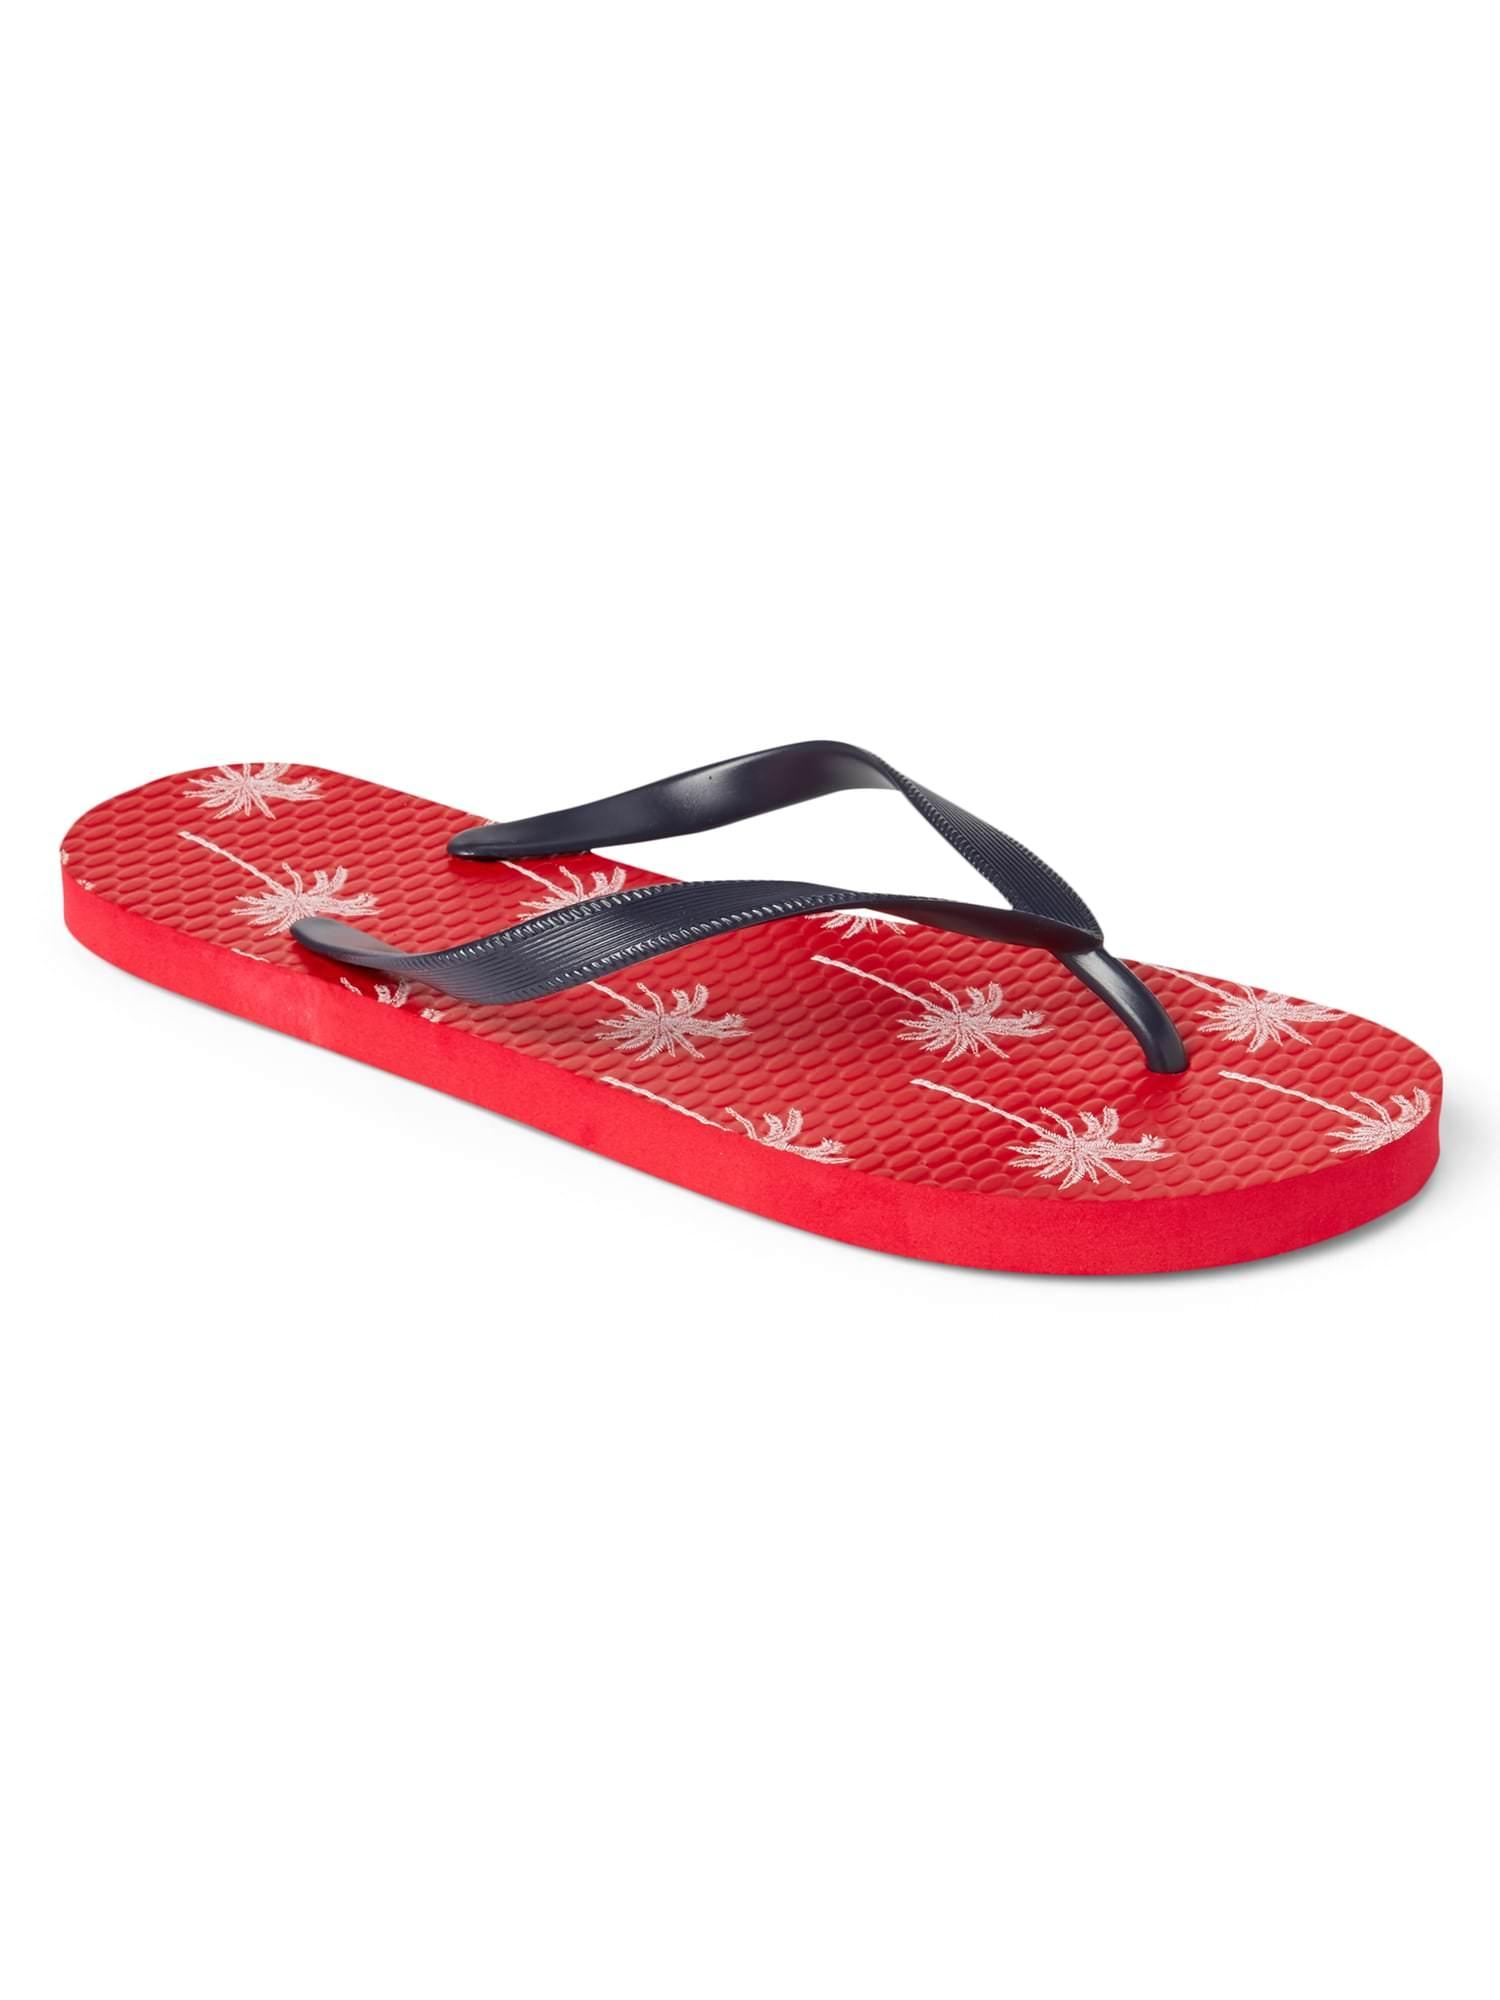 Gap Men's Flip Flops $3.20 + free shipping